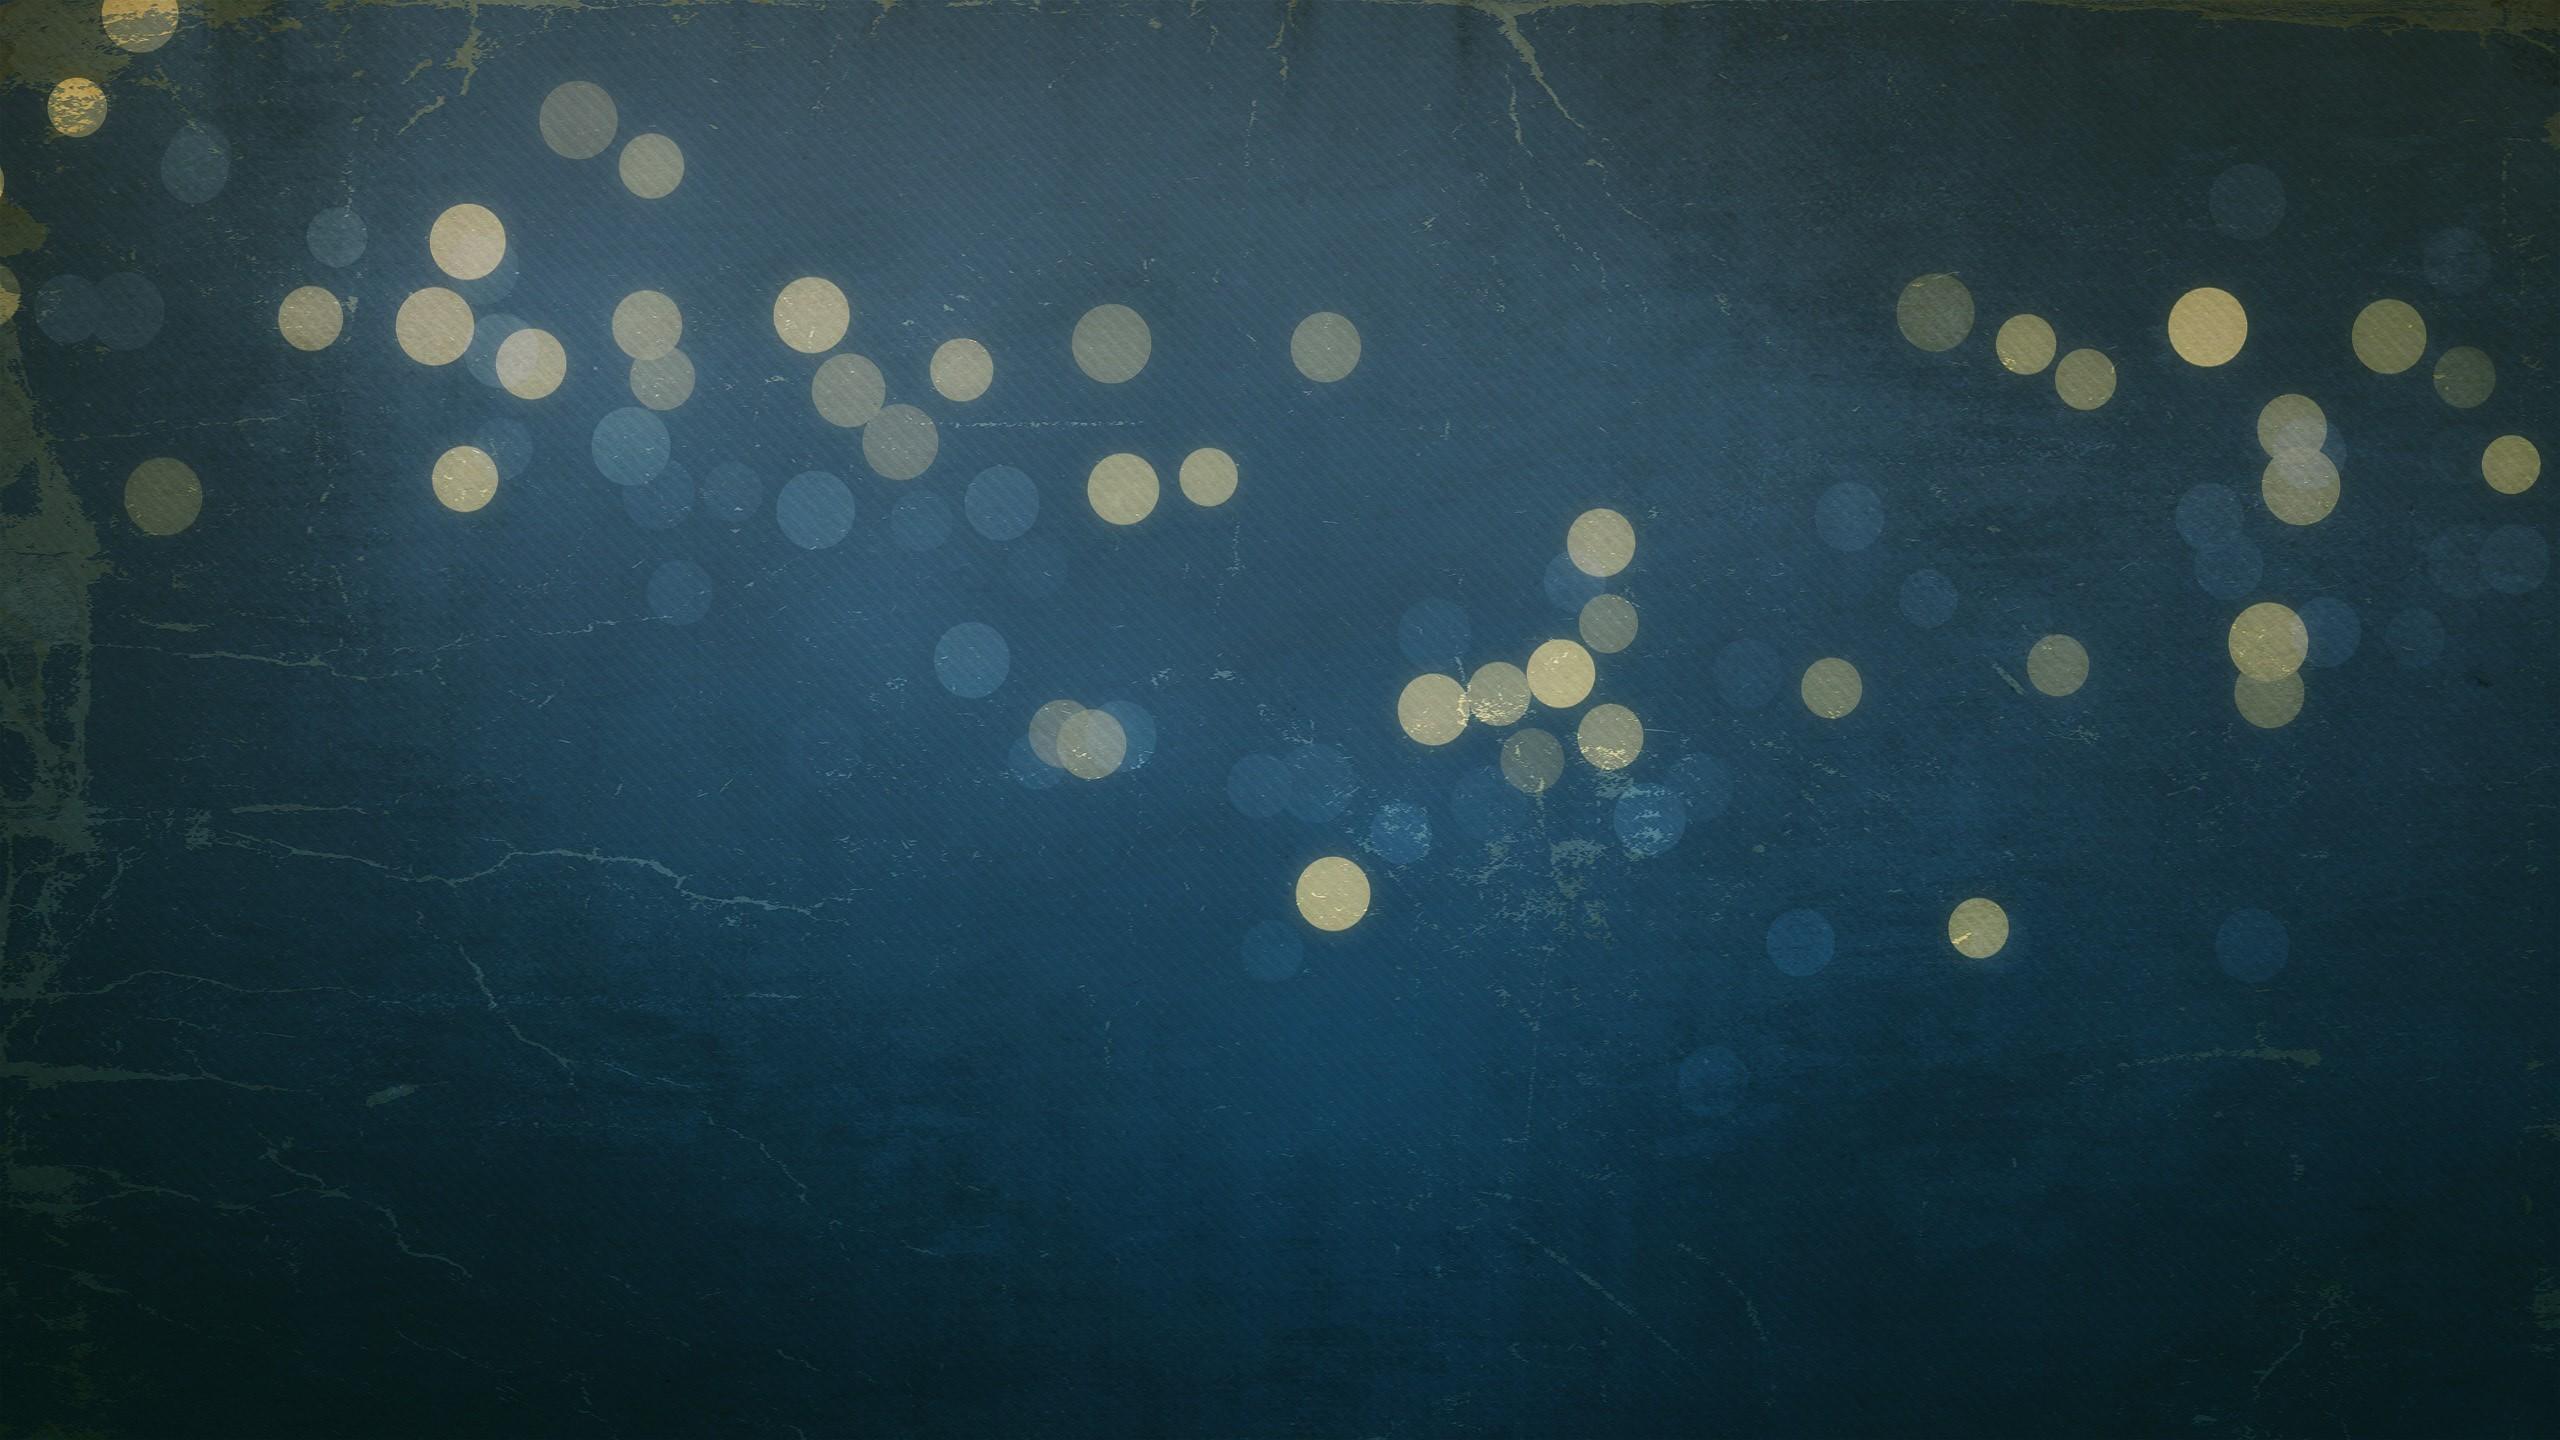 Wallpaper Sunlight Artwork Green Blue Underwater Circle Bokeh Biology Light 2560x1440 Mbourrig 223460 Hd Wallpapers Wallhere